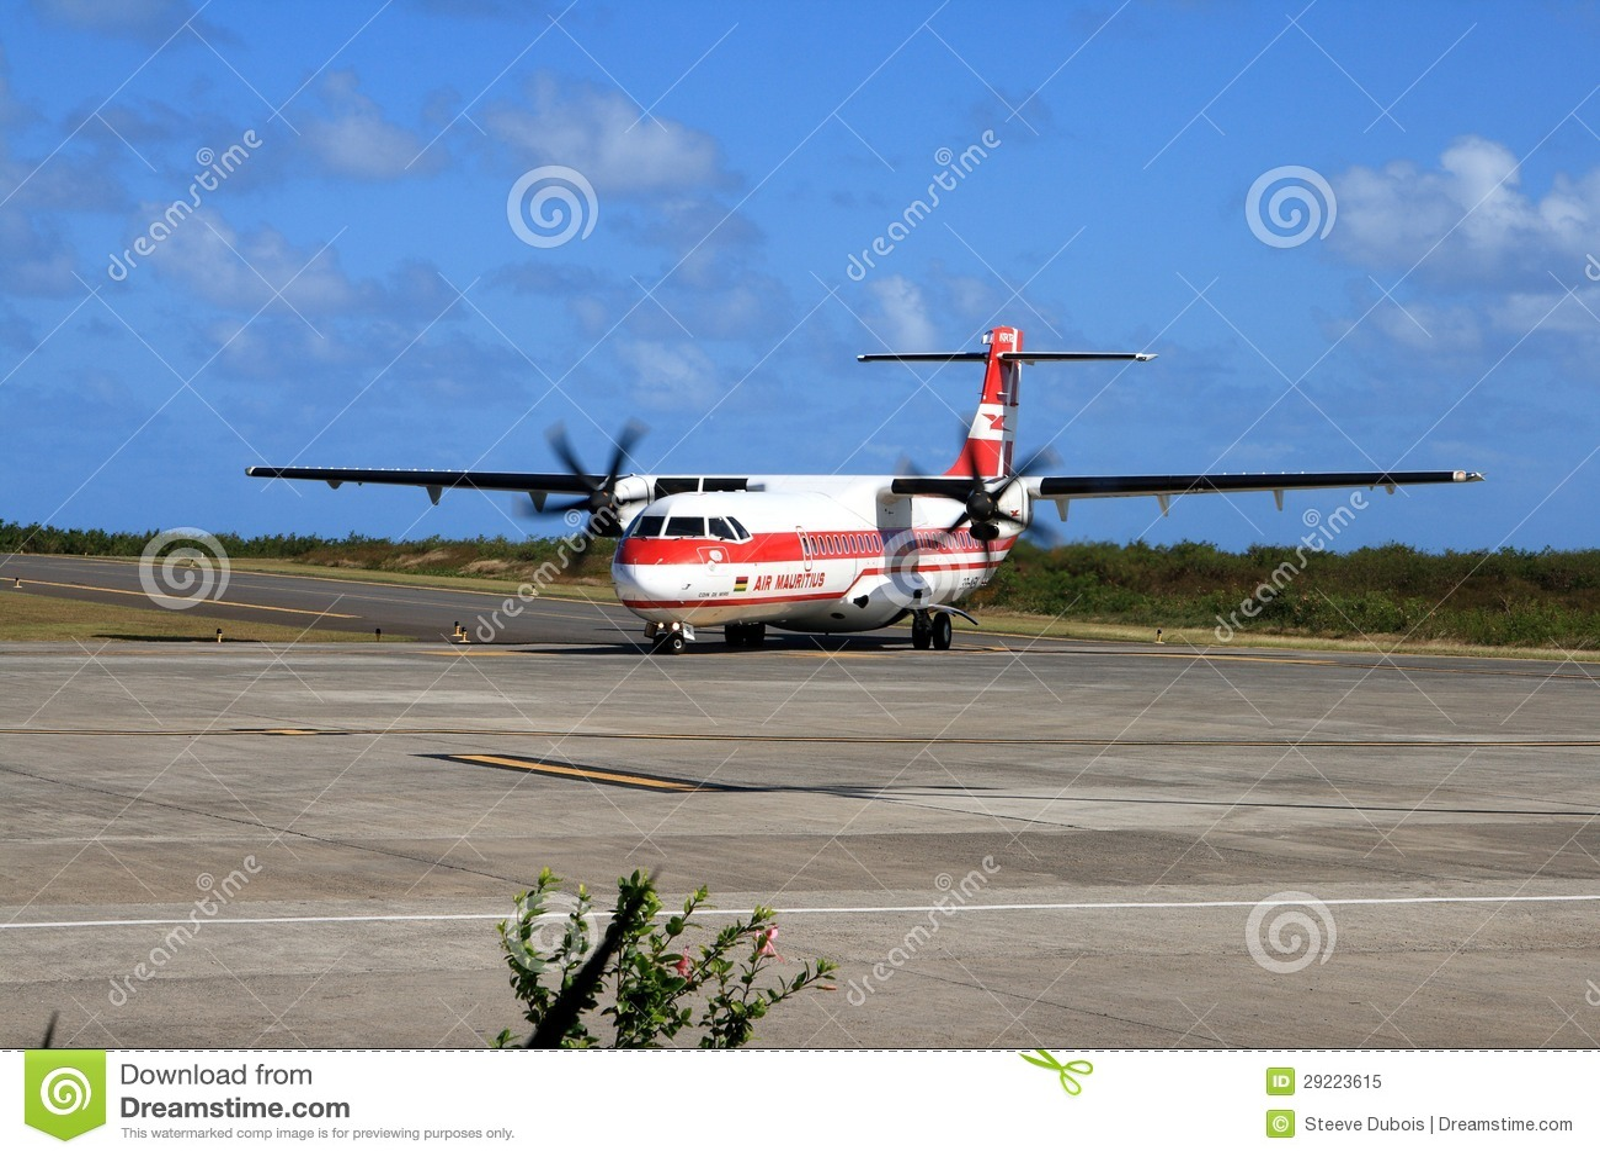 Air Mauritius ATR 72 plane on runway